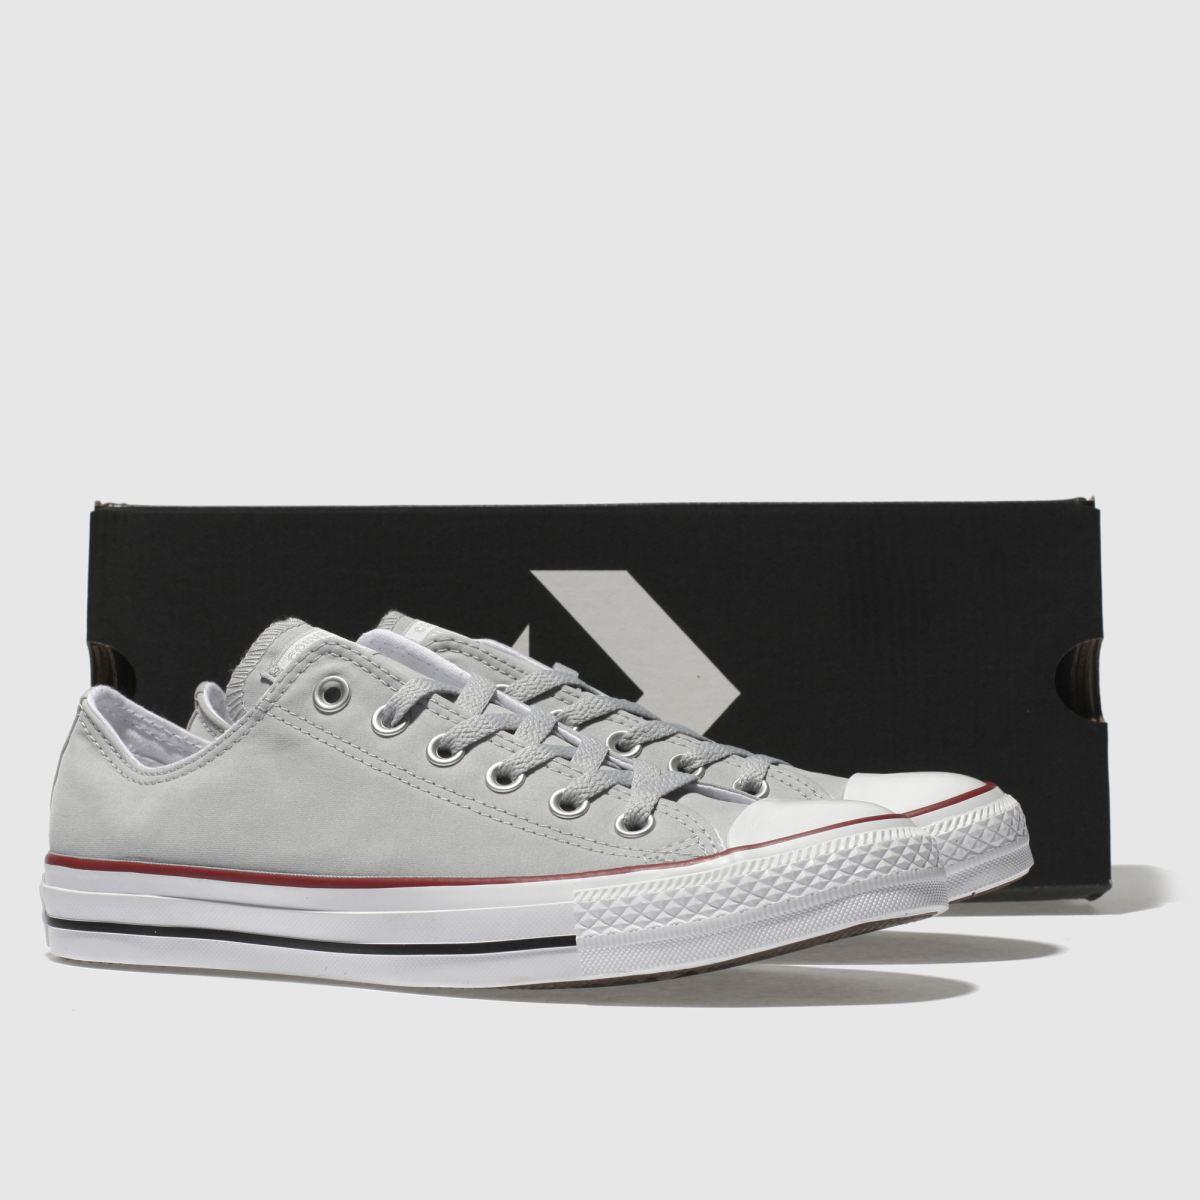 Damen Grau converse Chuck Taylor Peached Canvas Sneaker | Schuhe schuh Gute Qualität beliebte Schuhe | 475c02